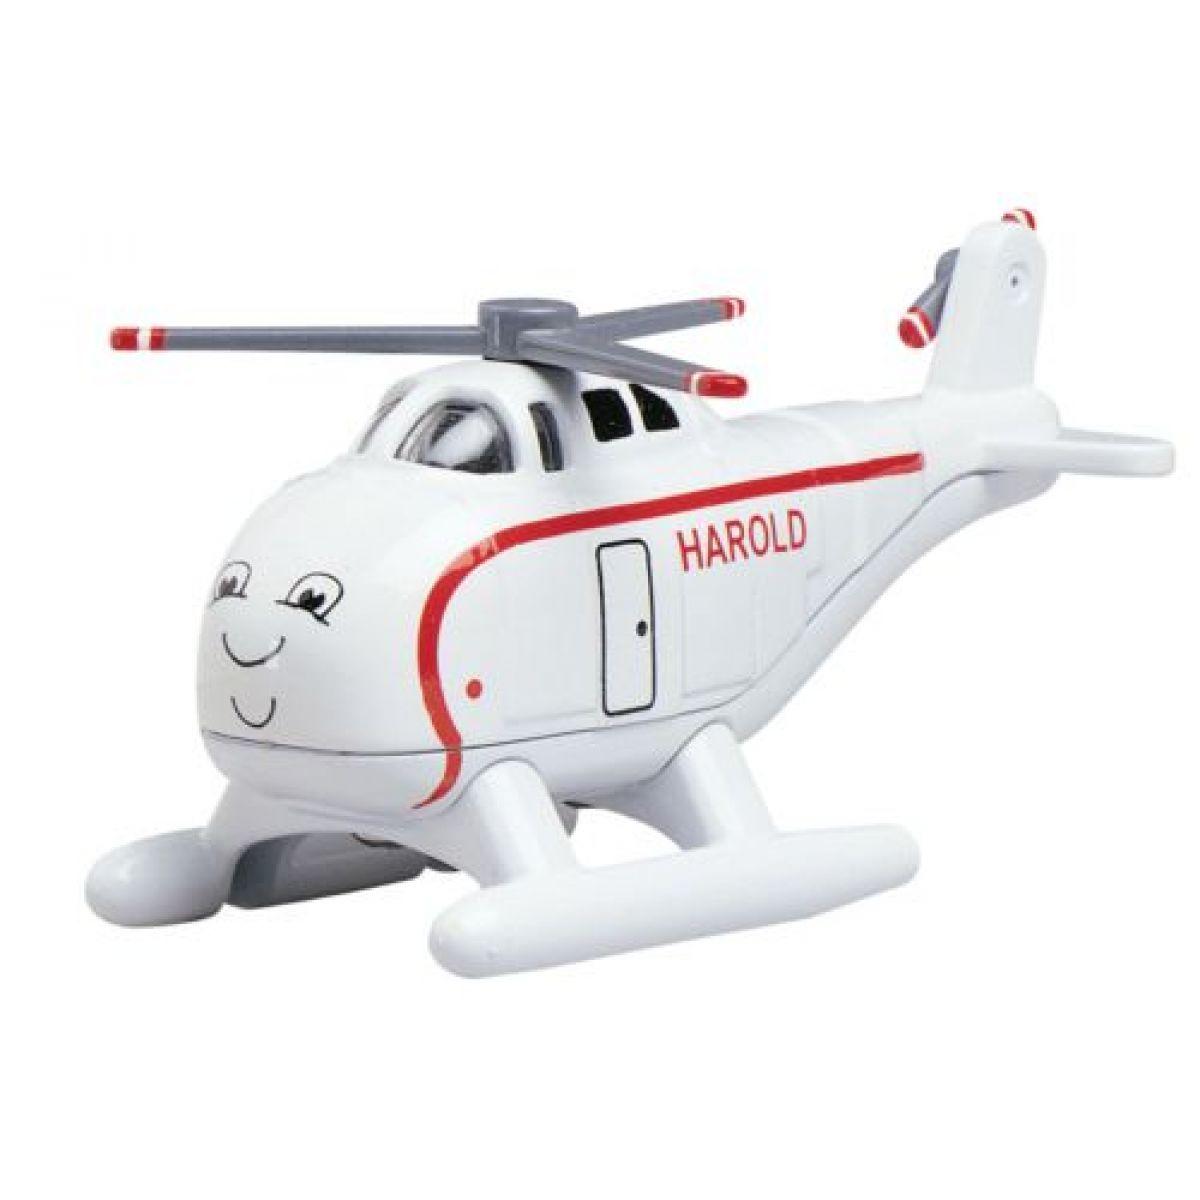 Mašinka Tomáš - Harold - vrtulník TAT